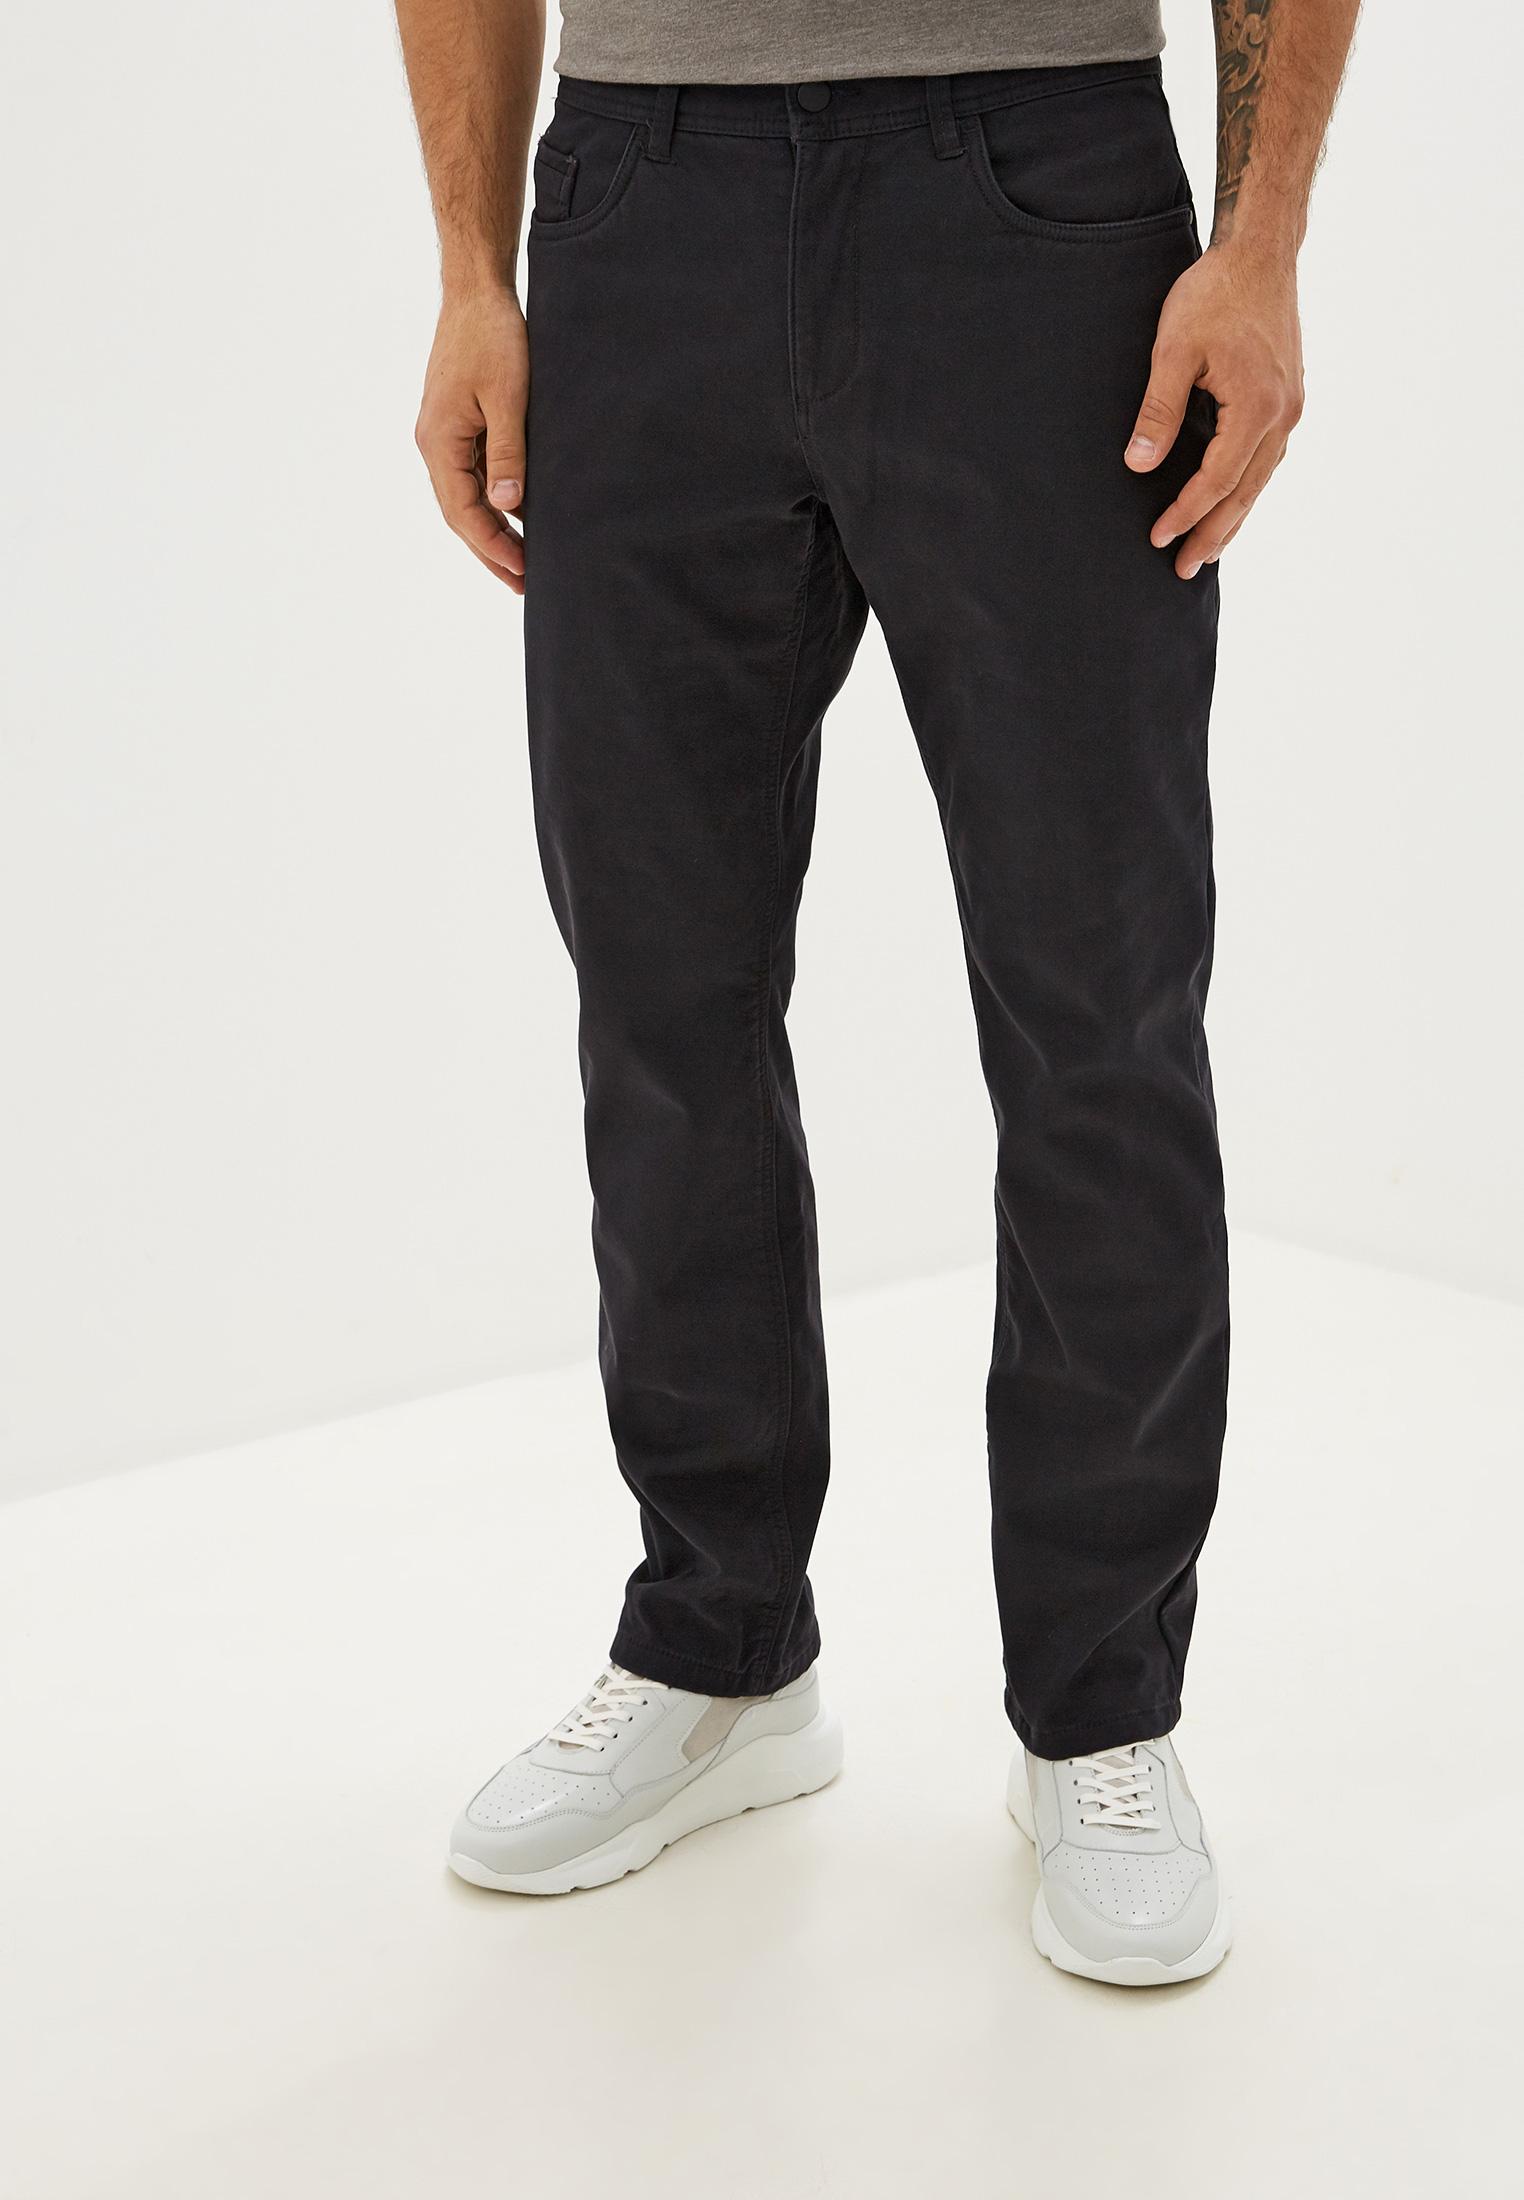 Мужские повседневные брюки O'stin MP4V82